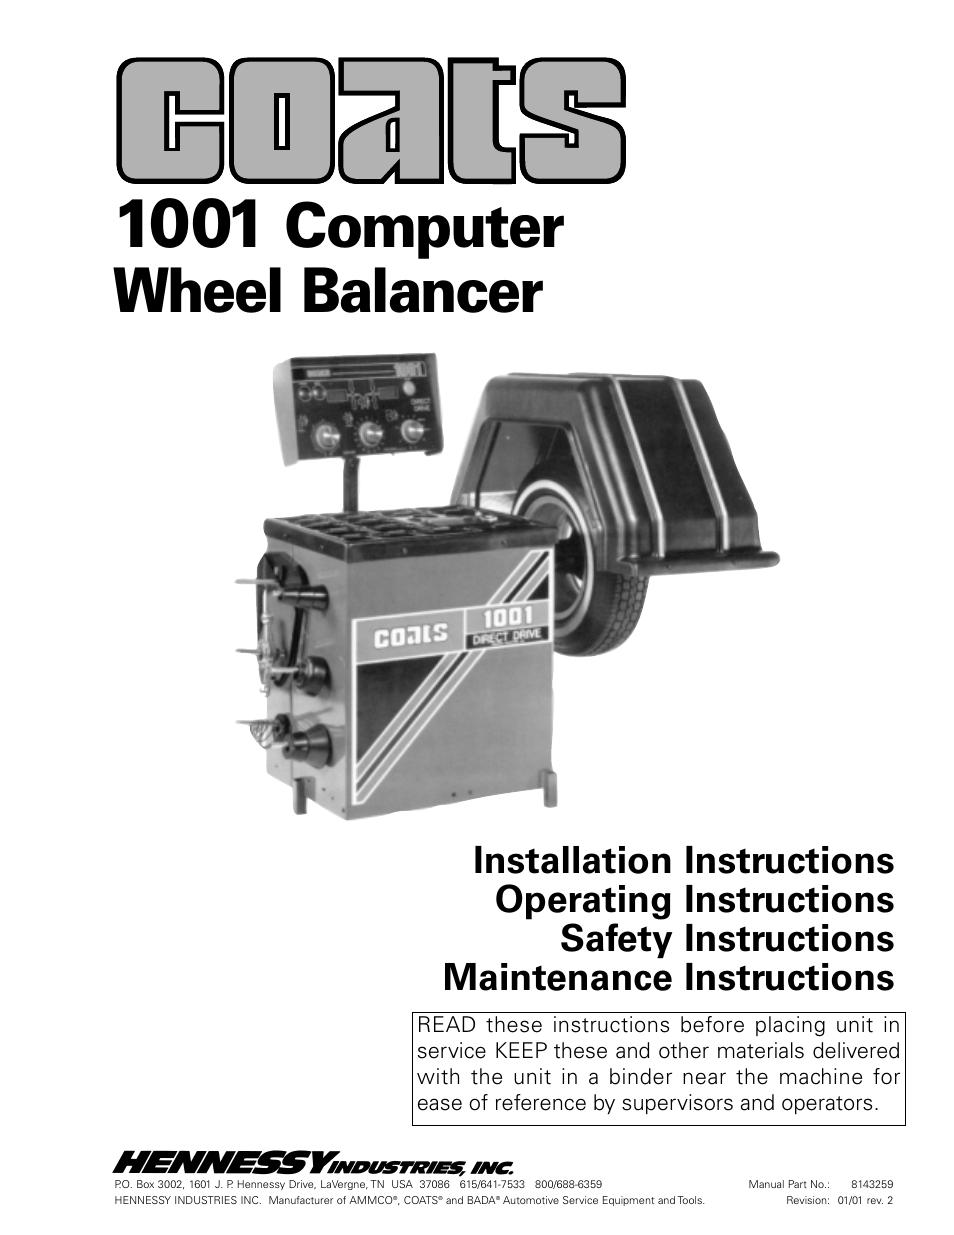 coats 1001 1001sc balancer page1 coats 1001 & 1001sc balancer user manual 24 pages coats 1001 wheel balancer wiring diagram at readyjetset.co